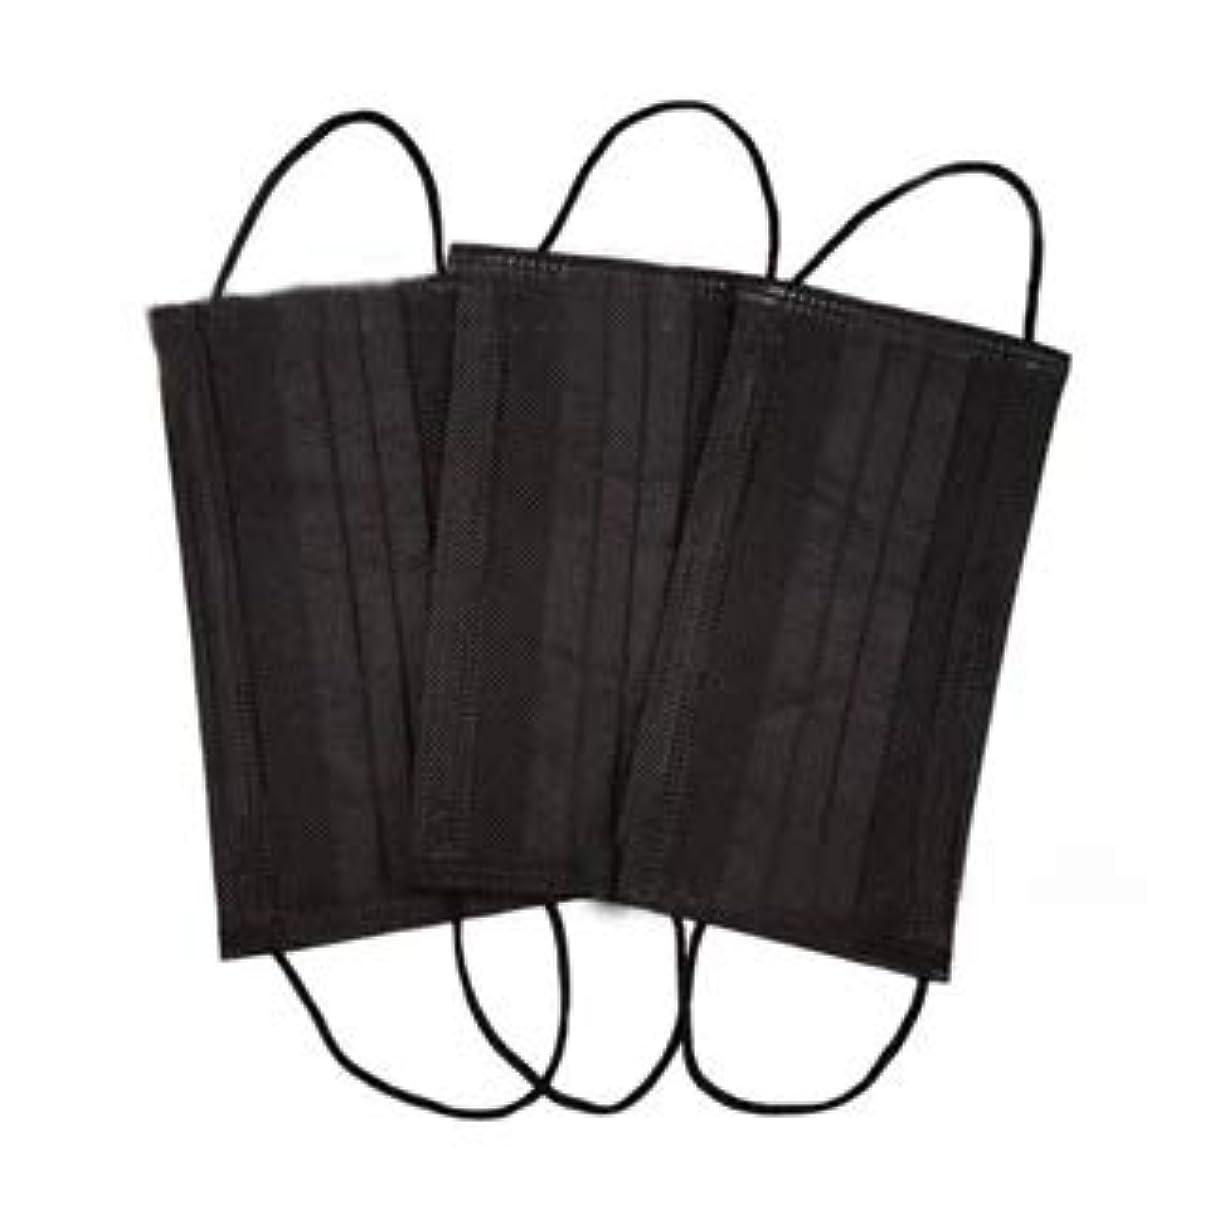 進むスポーツをする類人猿使い捨てマスク ブラック 6枚入り 不織布 フェイスマスク mask 黒